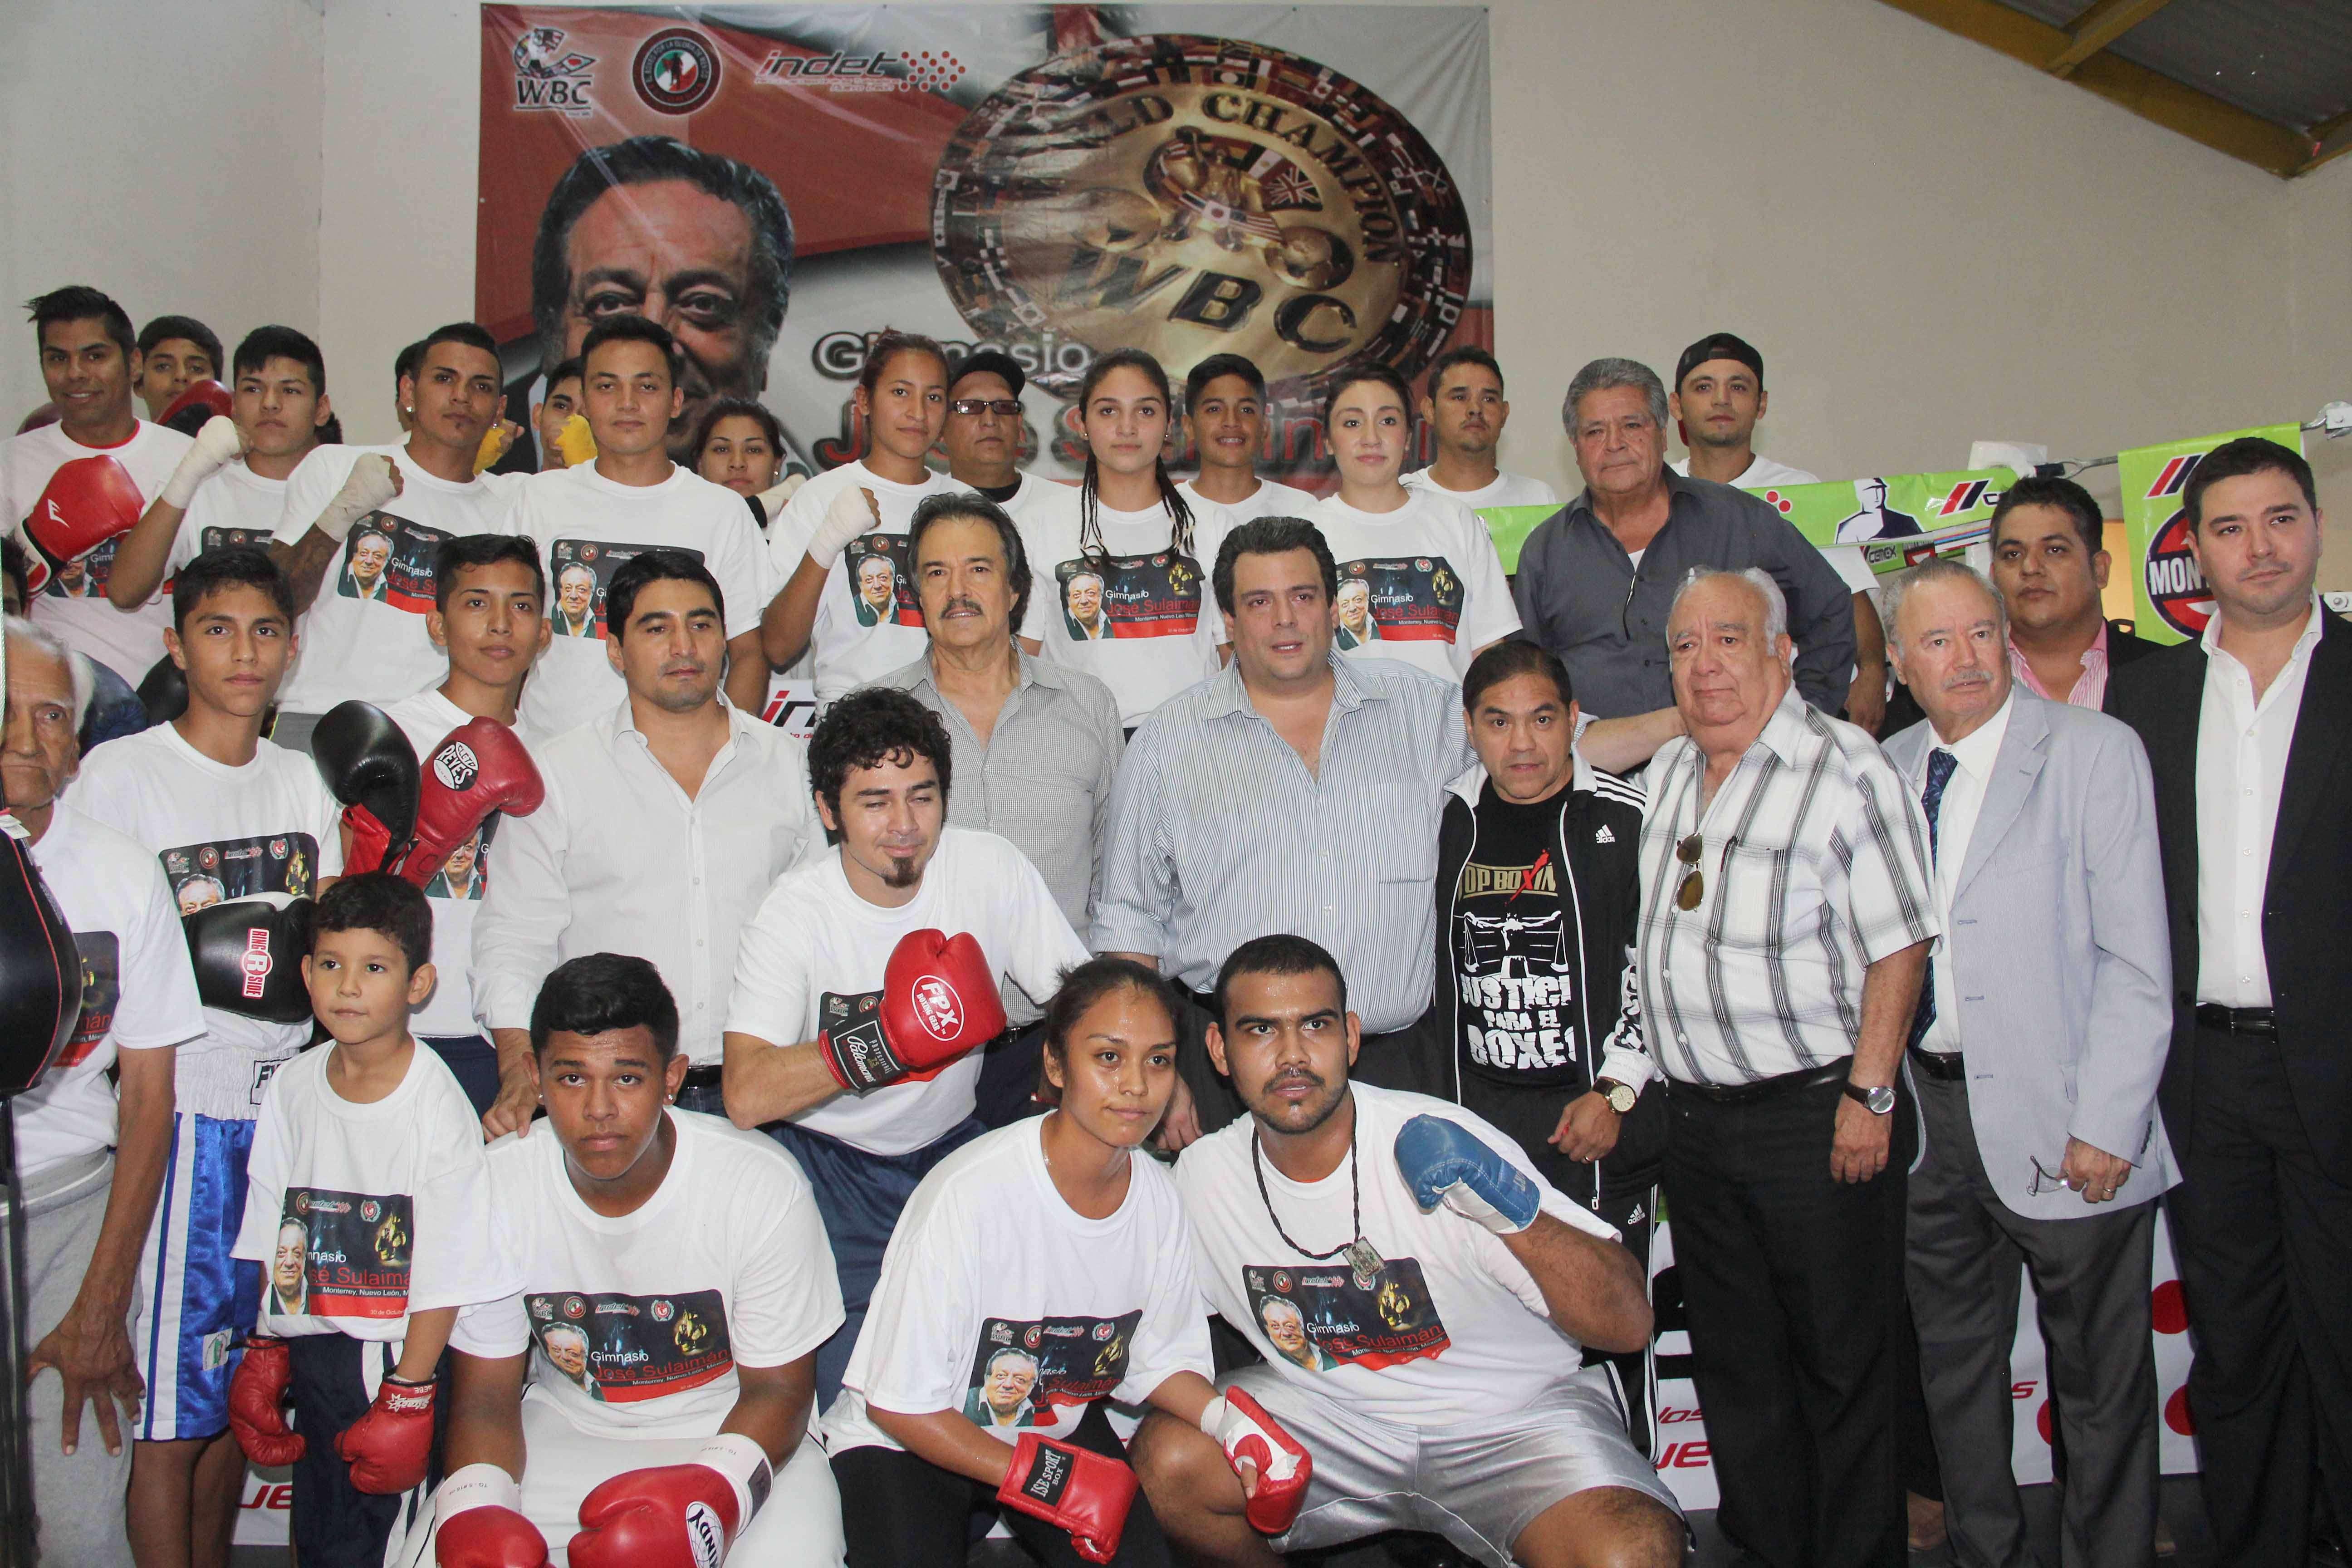 Mauricio Sulaimán en compañía de el 'Terrible' Morales y 'La Chiquita' González inauguraron la Arena. Foto: CMB